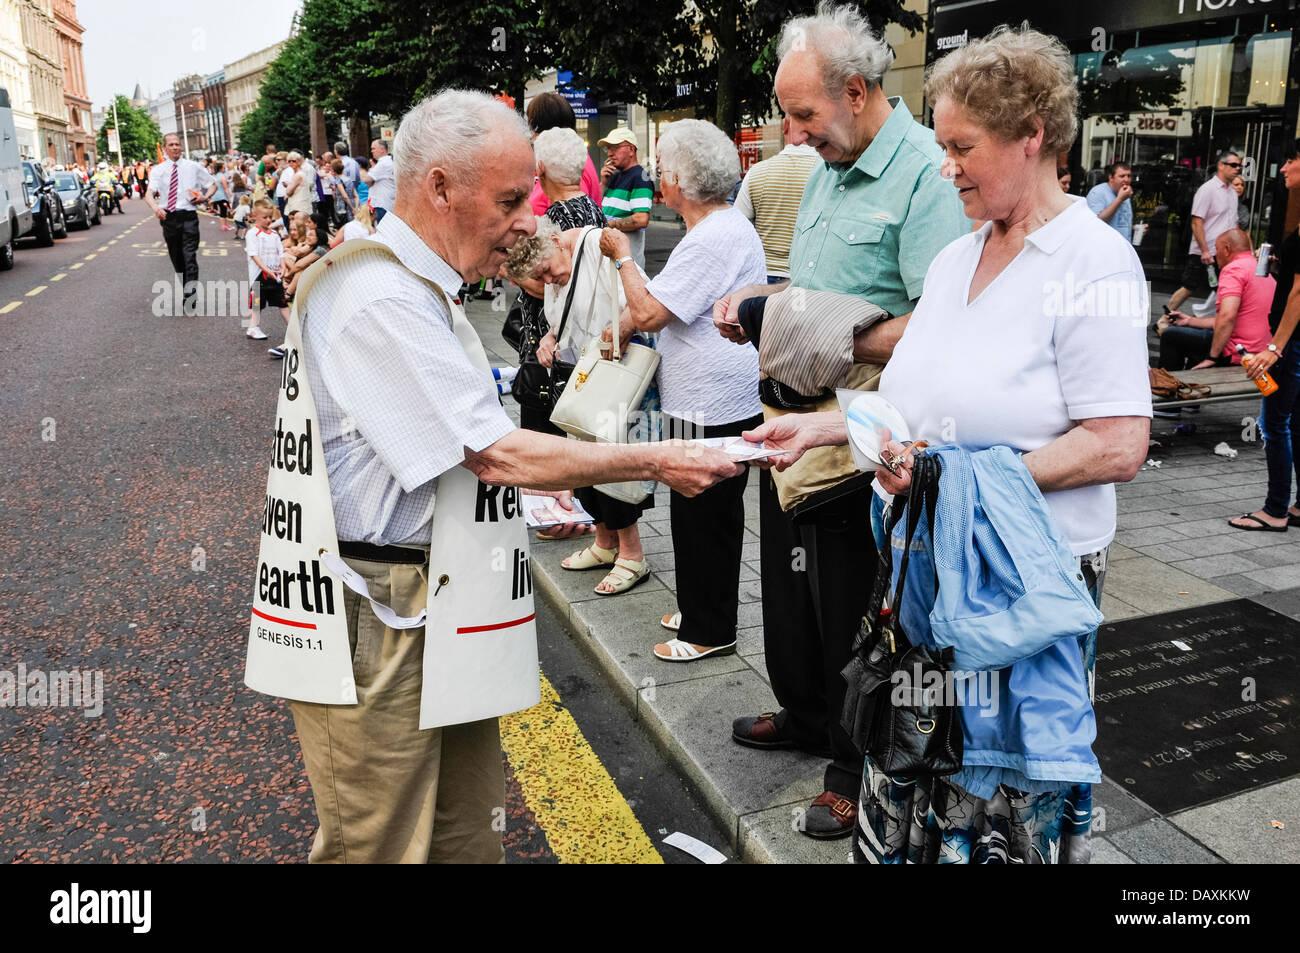 Ein Mann trägt eine Weste mit Bibelversen händigt religiöse Traktate an Personen in einer Menschenmenge Stockfoto